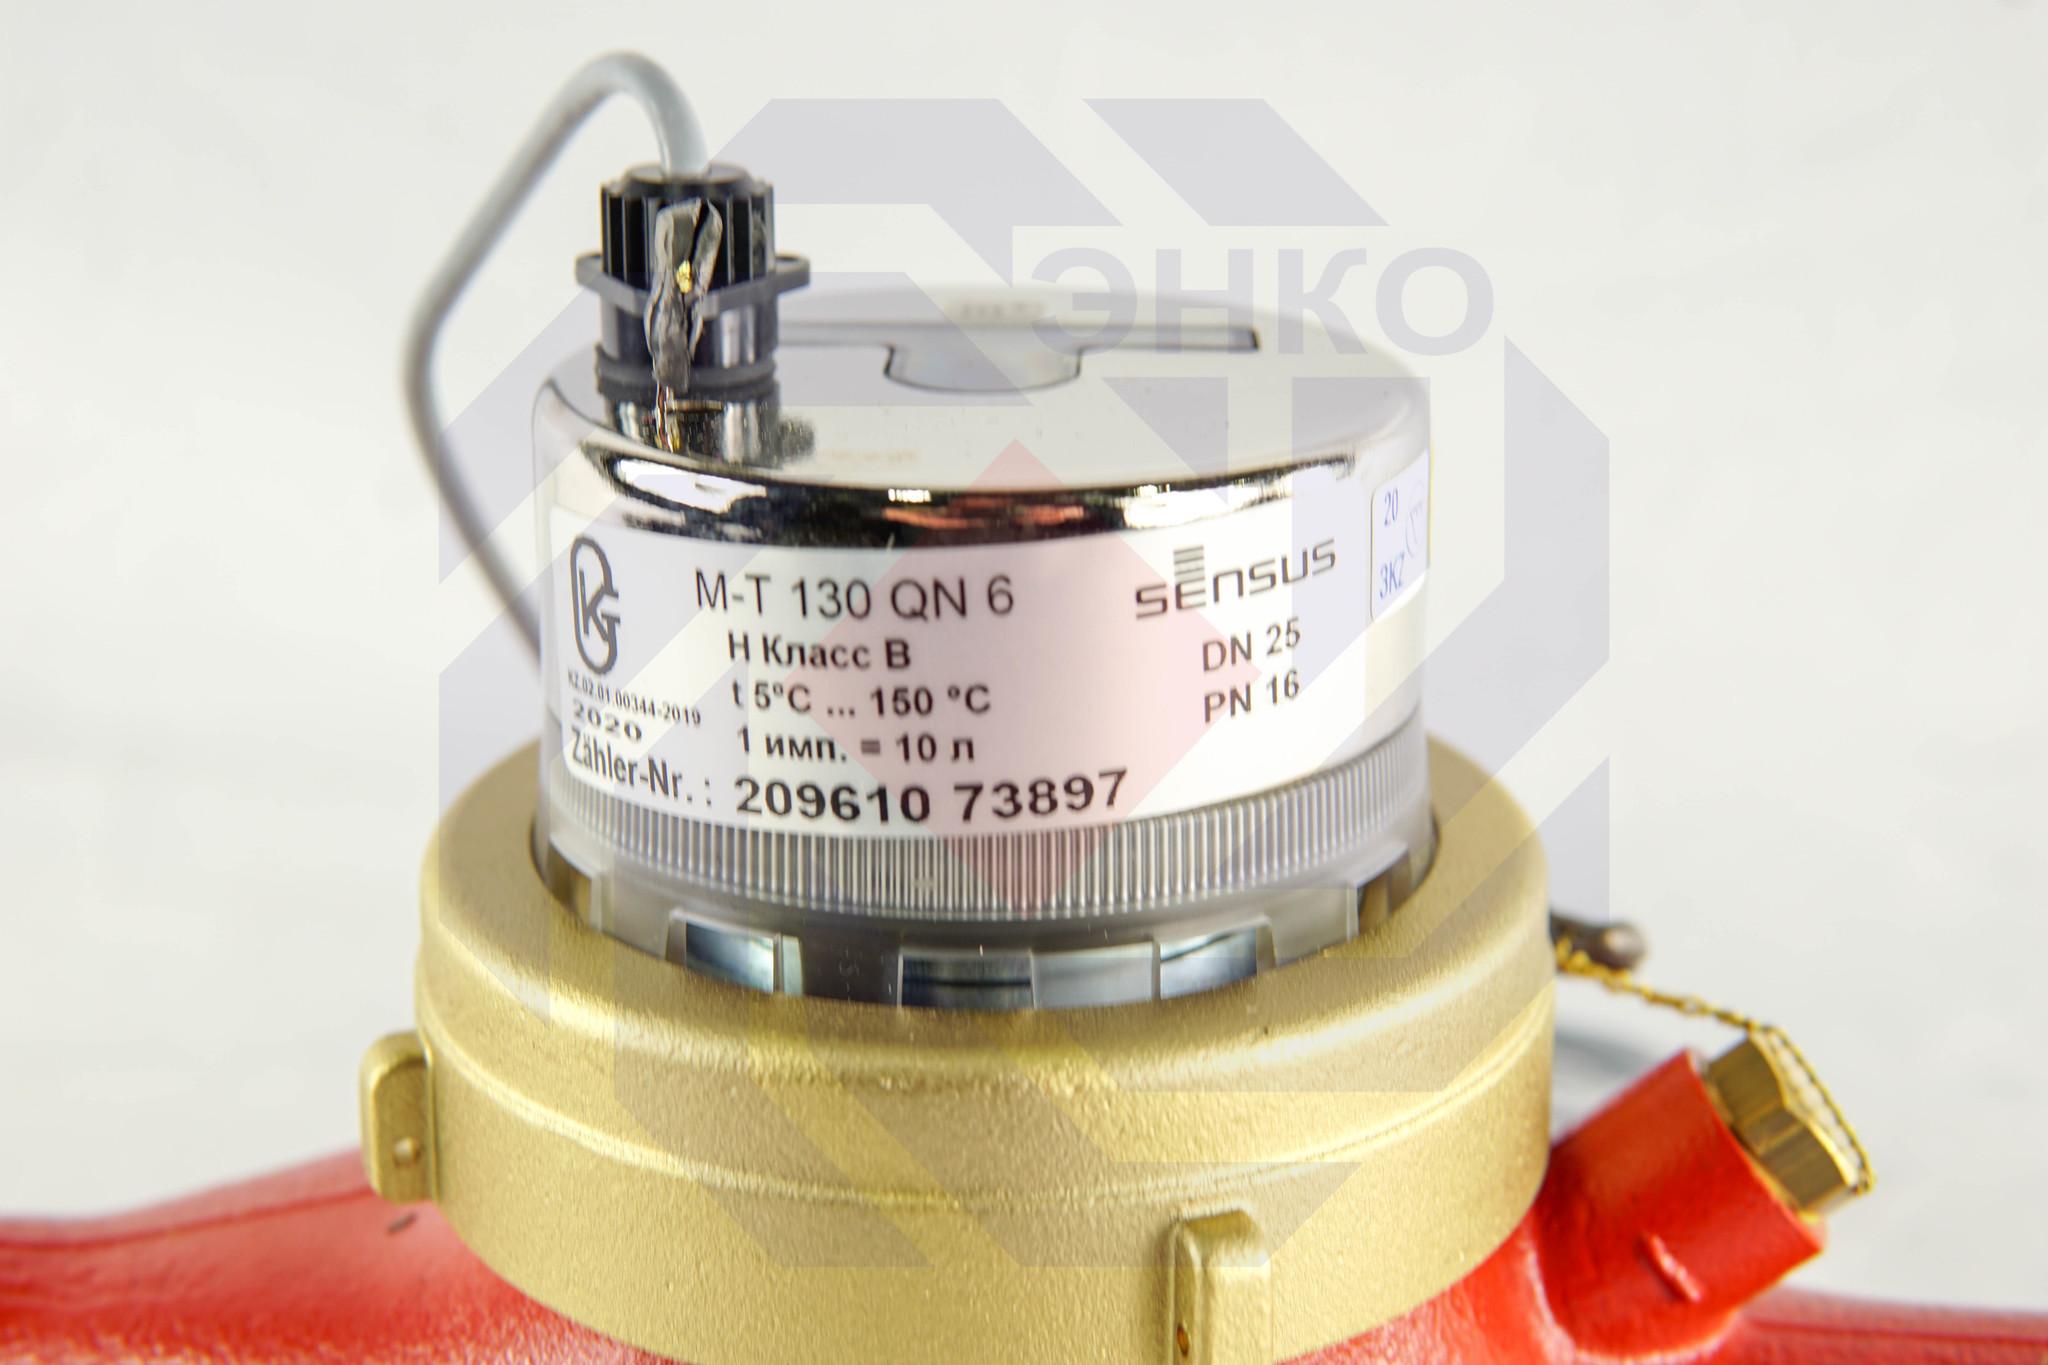 Счетчик горячей воды SENSUS M-T 130 QN 6 DN 25 с импульсным выходом